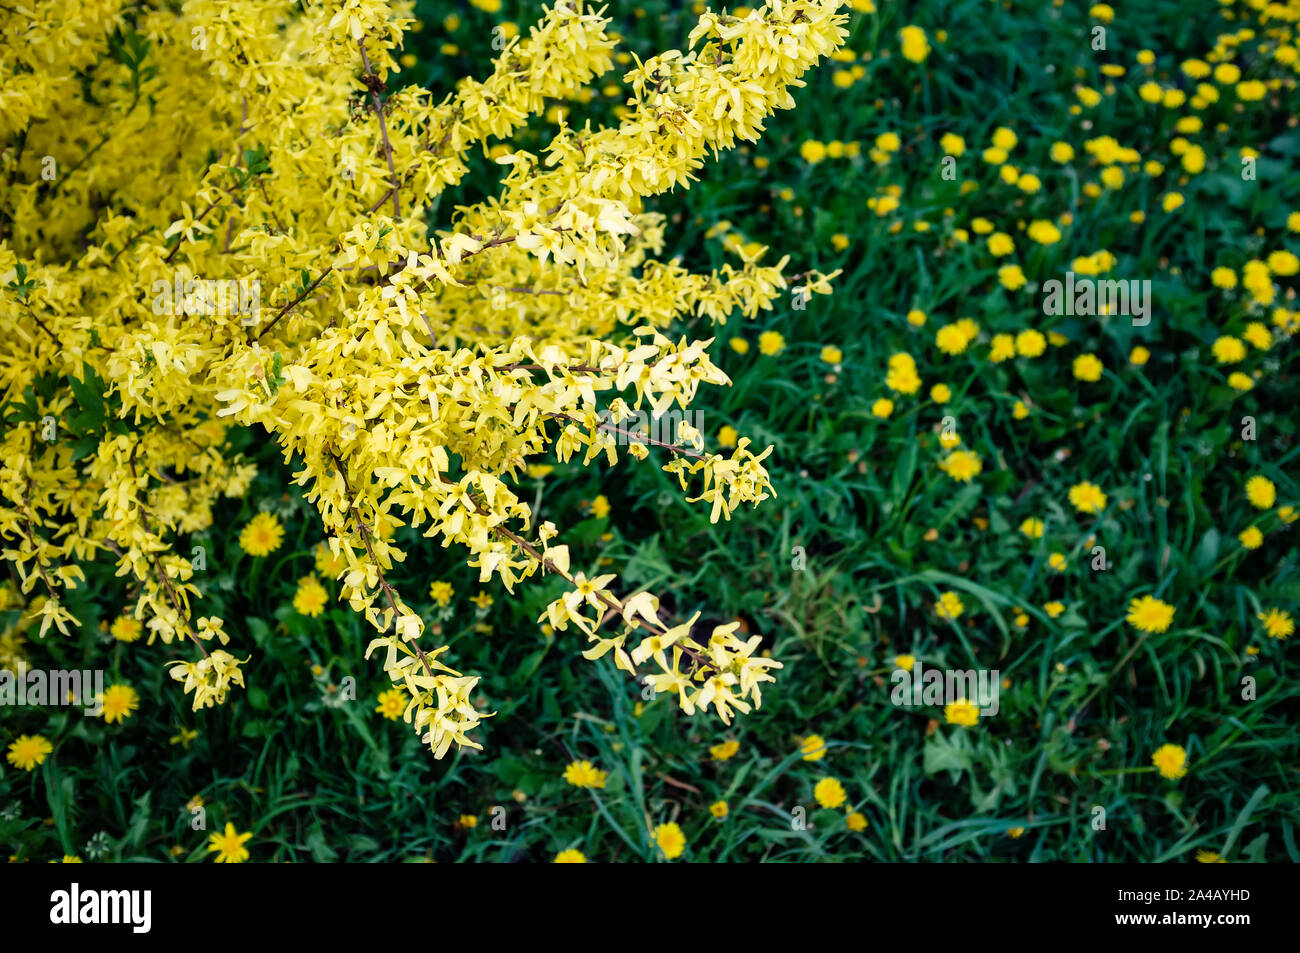 Arbusto Fiori Gialli Primaverili.Forsythia Shrub Immagini Forsythia Shrub Fotos Stock Alamy